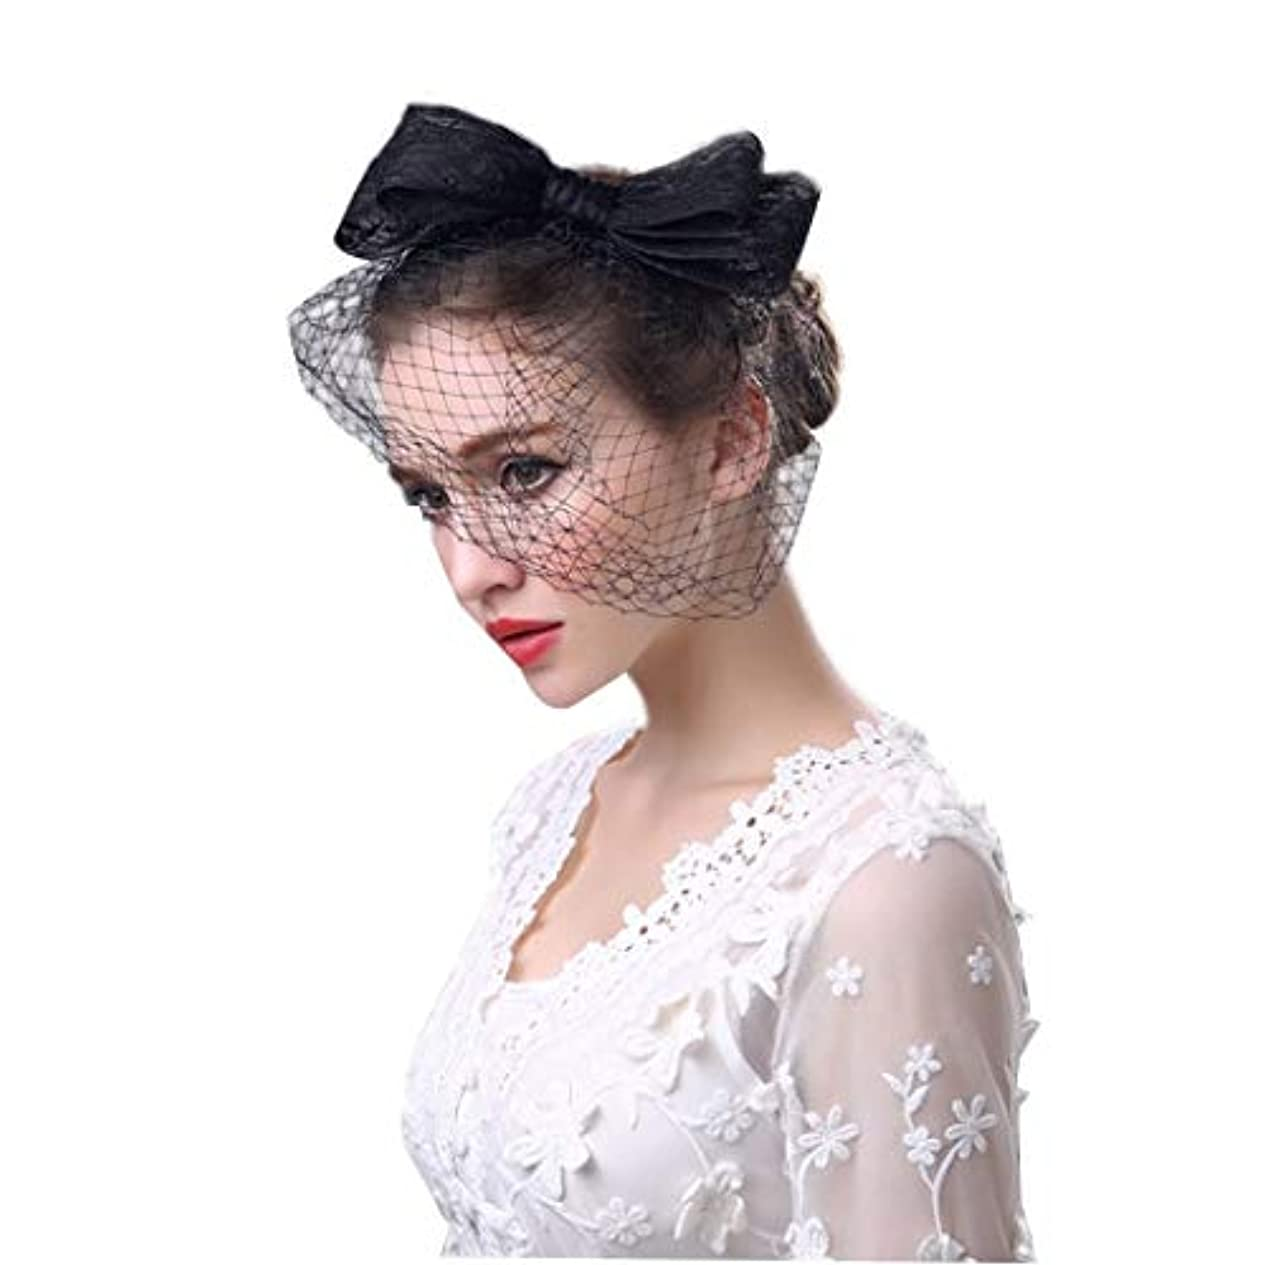 マリン恐れポールブライダルヘッドドレス、弓帽子ヴィンテージヘッドドレス手作りイギリスファッションレディースリネン帽子フラワーフェザーメッシュベールウェディングティーパーティー